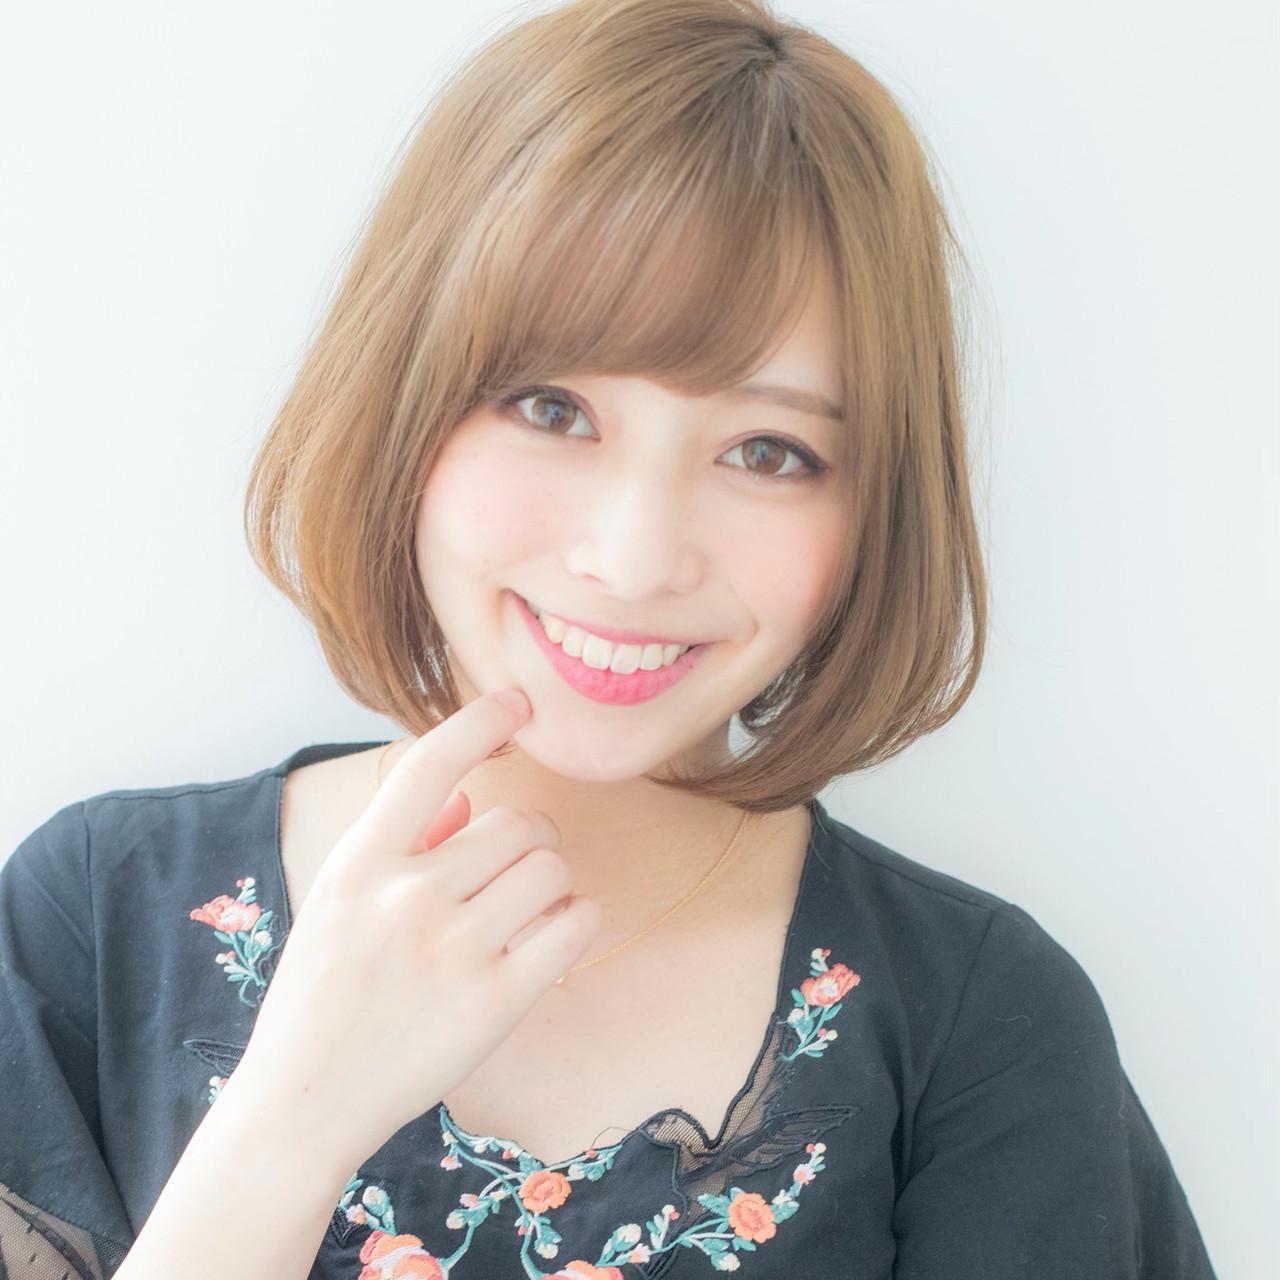 より女の子らしく!前髪ありで最カワを狙う 山村 実和子✂️ Euphoria渋谷グランデ